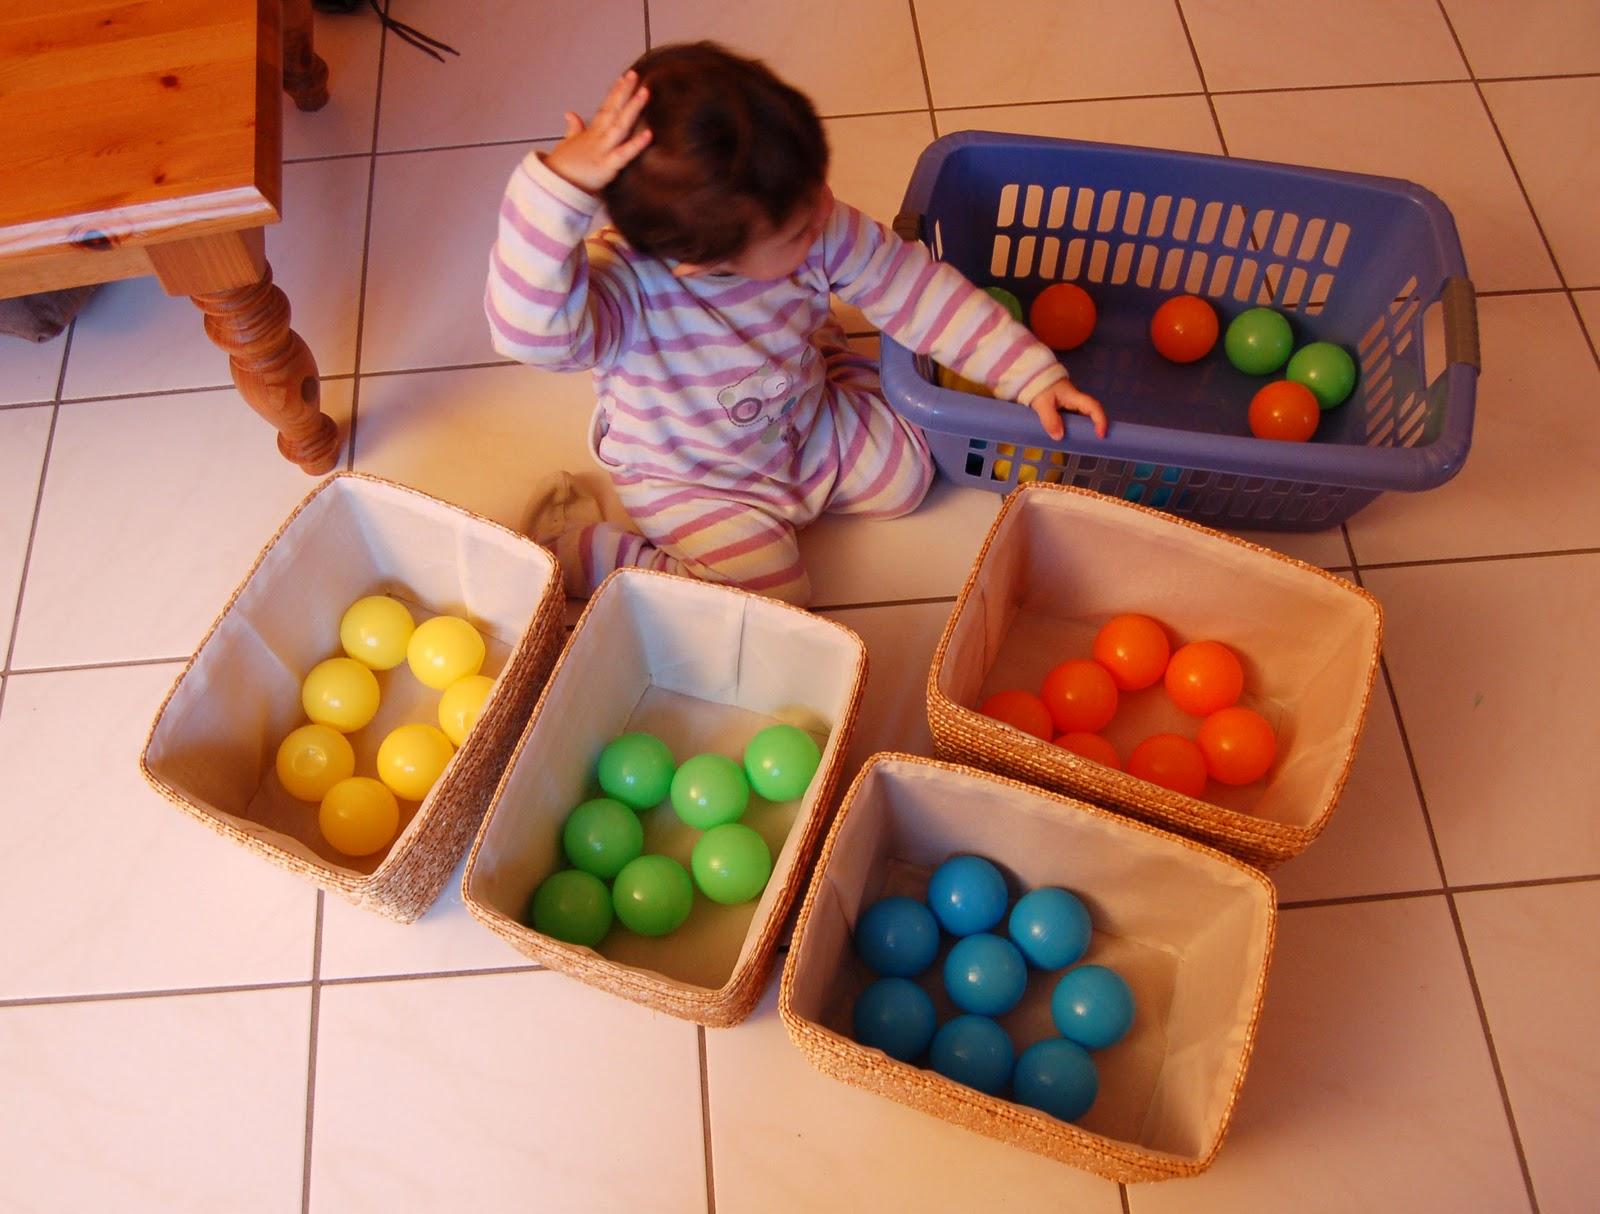 Connu le chatesprit - Activités thématiques pour les enfants - Les couleurs BC29